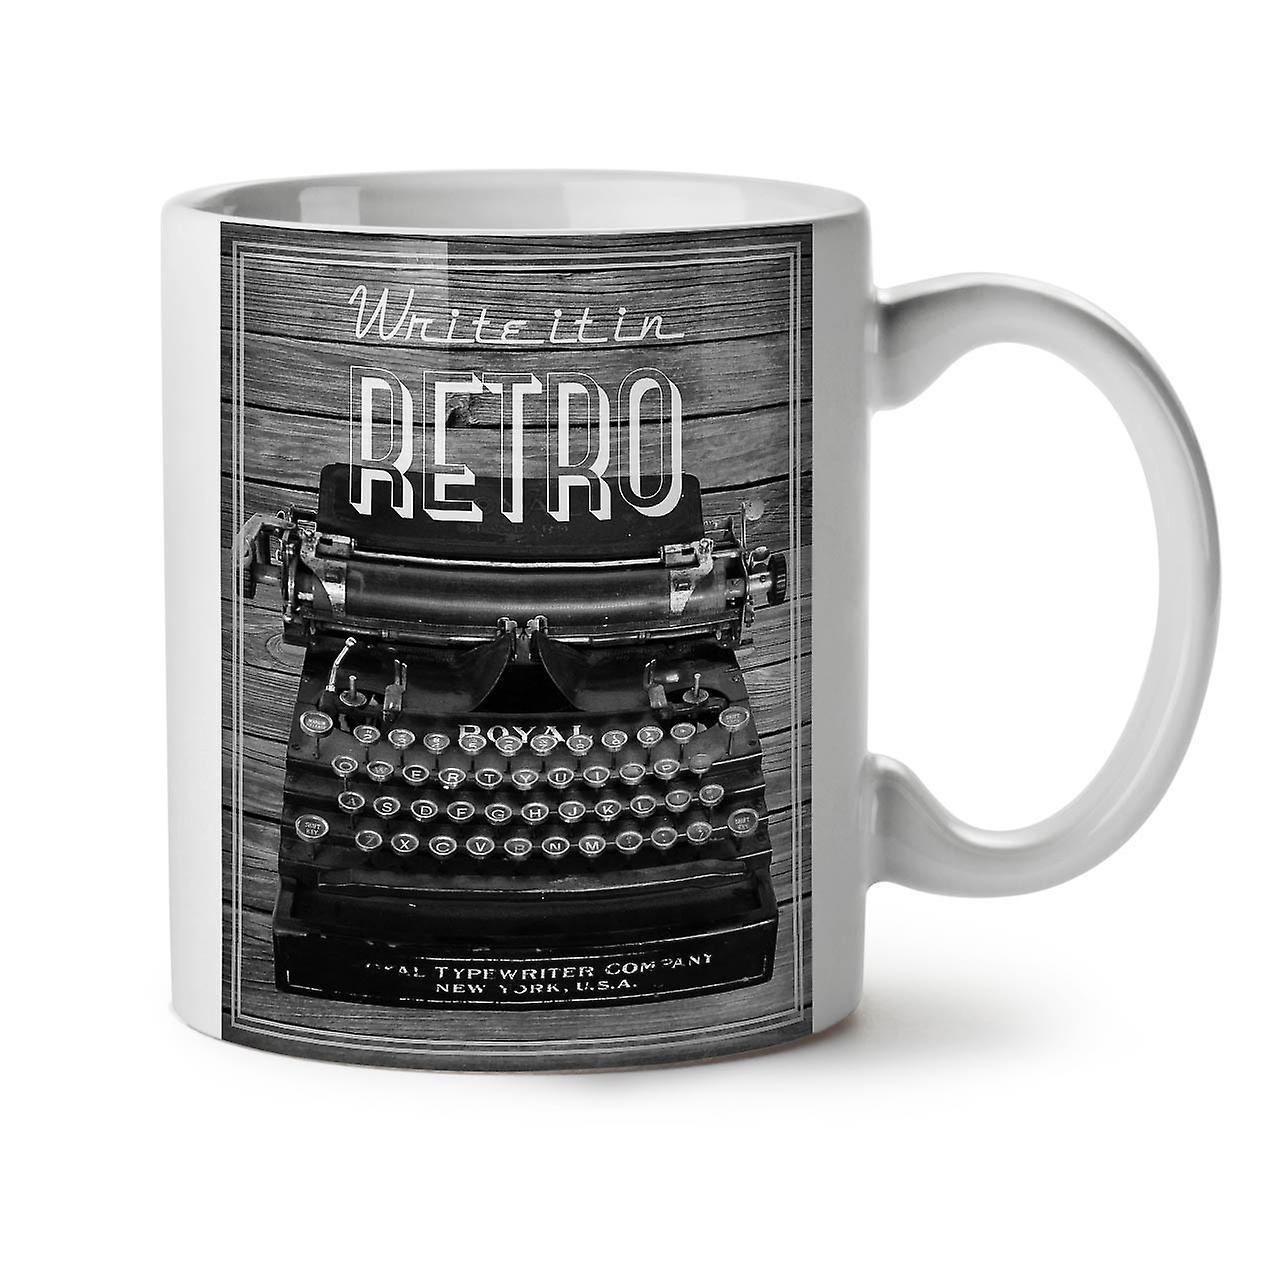 Café Vintage Écrire À Thé Retro Nouveau Tasse Machine 11 OzWellcoda Blanc Céramique OXukTlwPZi